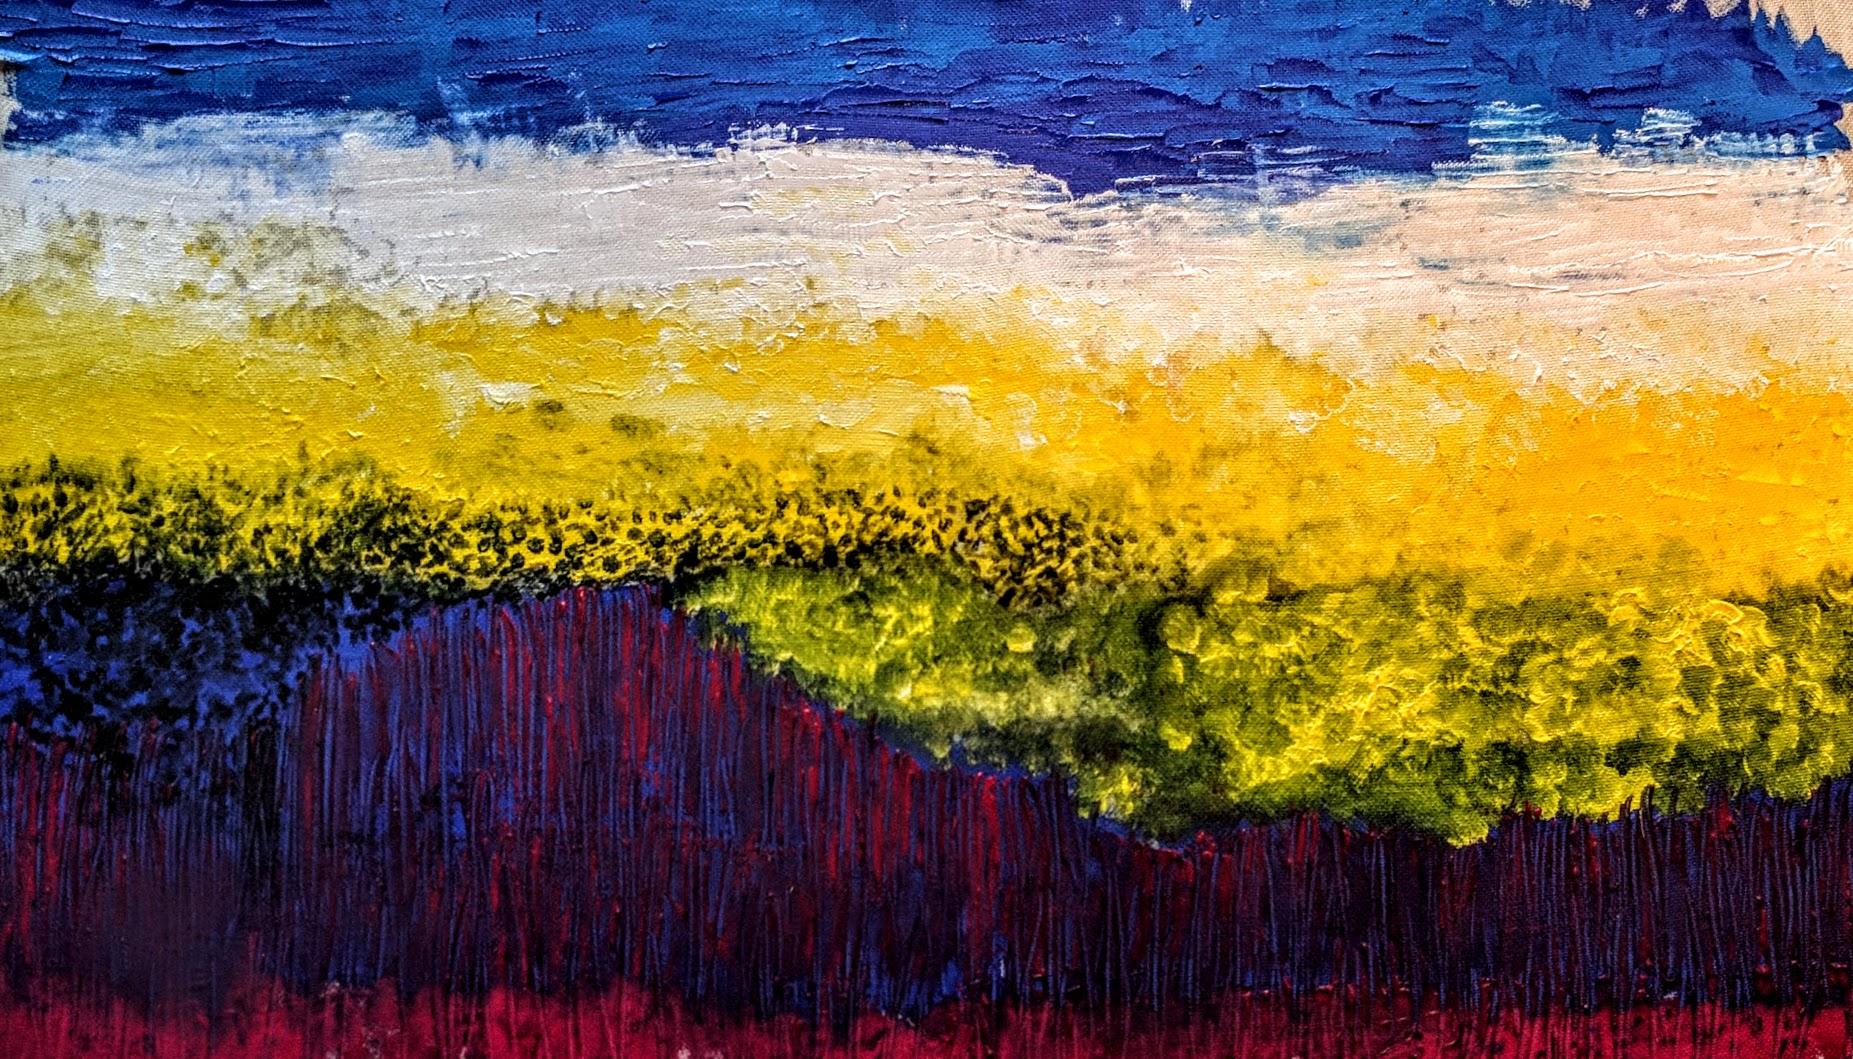 Bloemenveld in geel